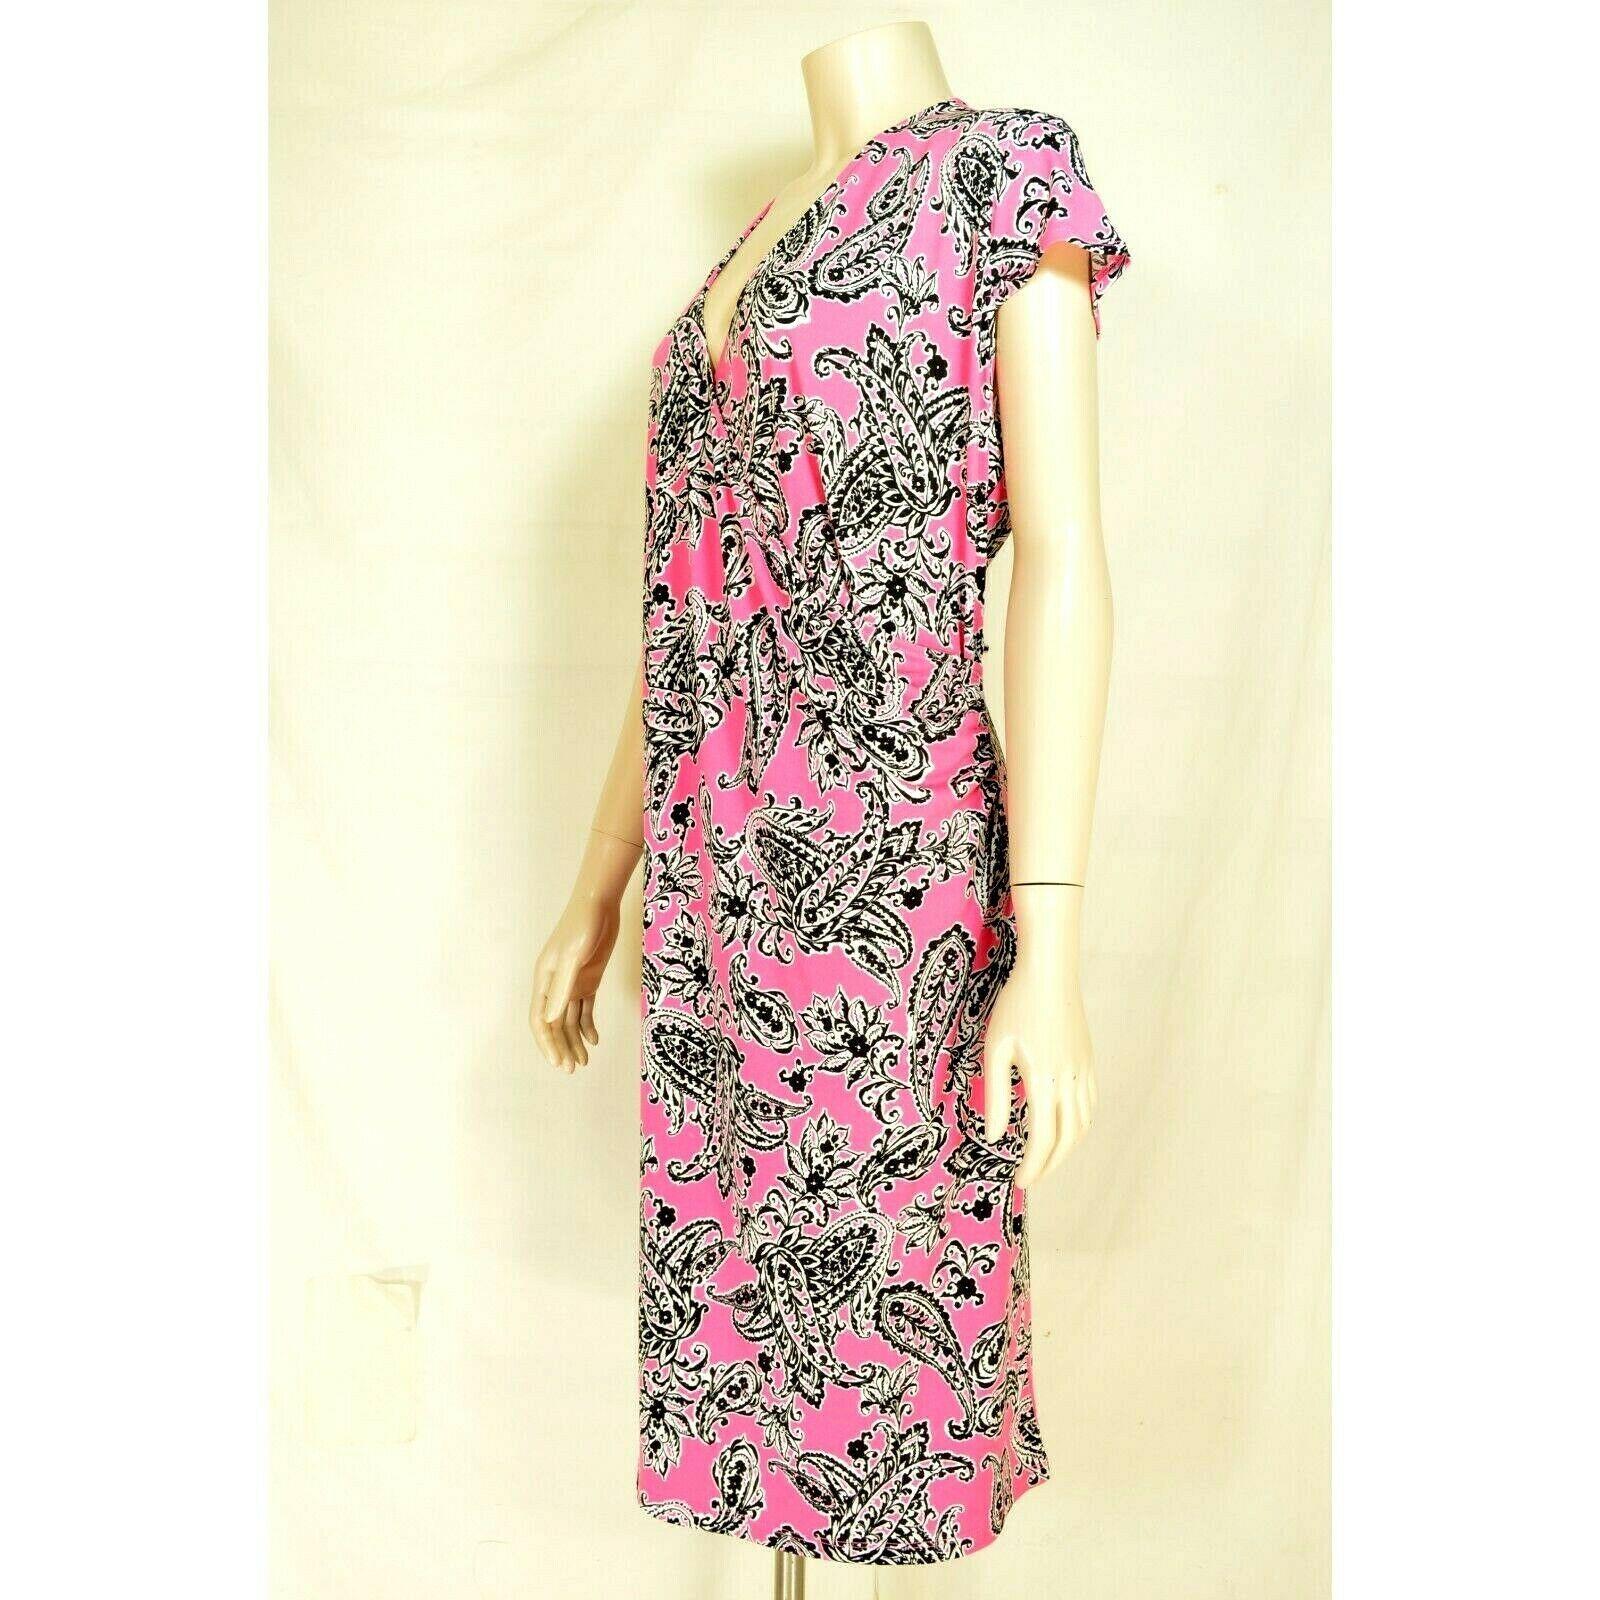 1 Jones New York dress 2X NWT faux wrap pink black white paisley jersey knit